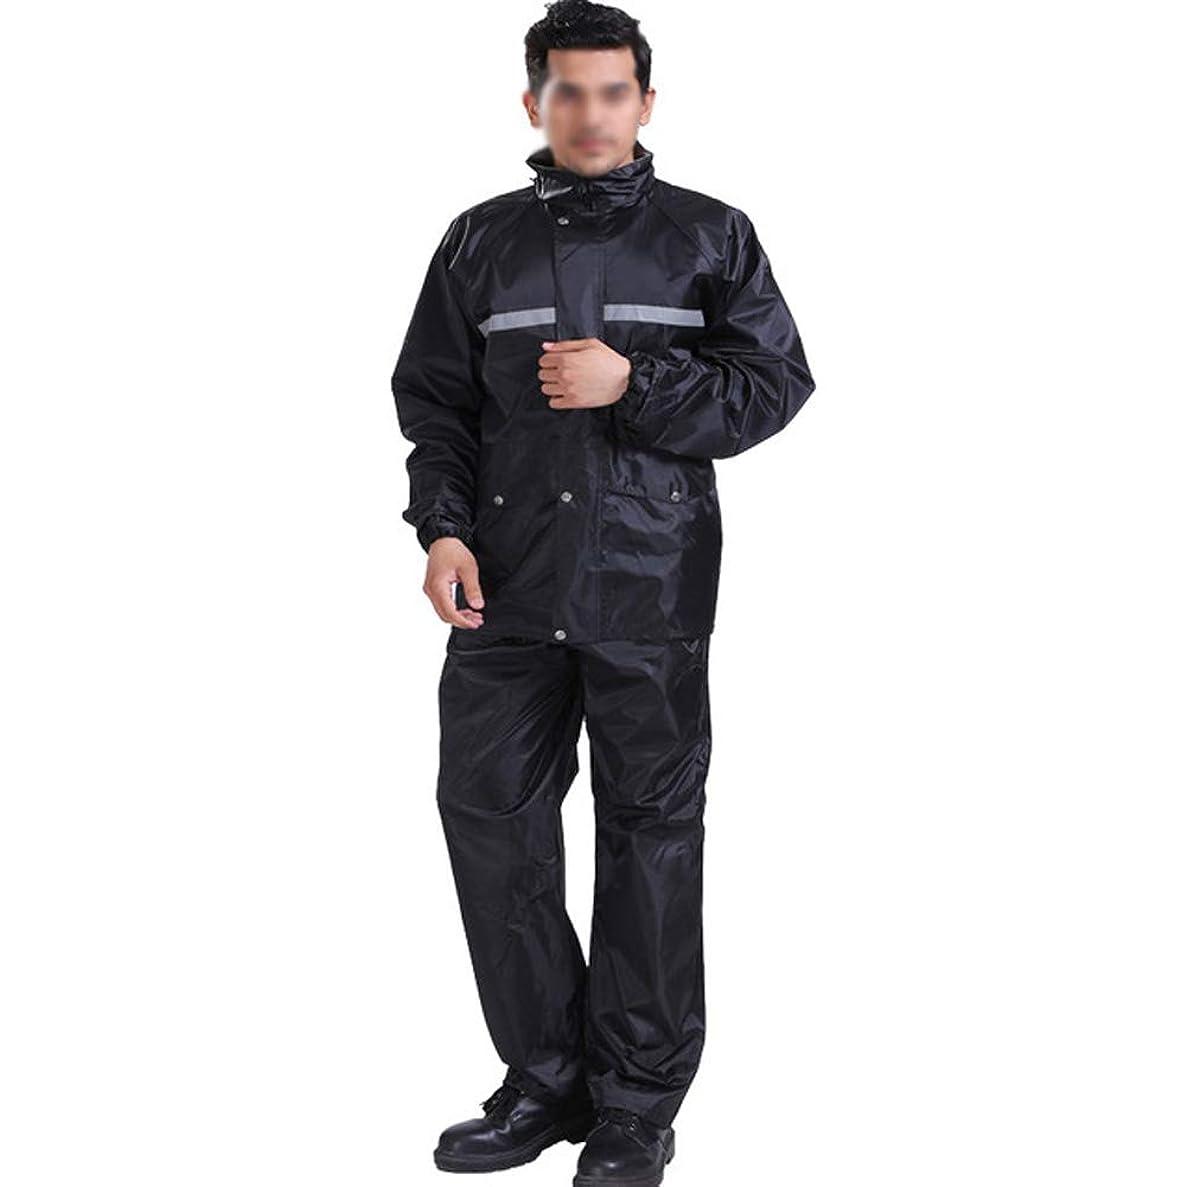 フルーツサラミフェデレーションオートバイ乗馬屋外労働保険オックスフォード布PVCスプリット反射レインコートレインパンツスーツ,XXXL